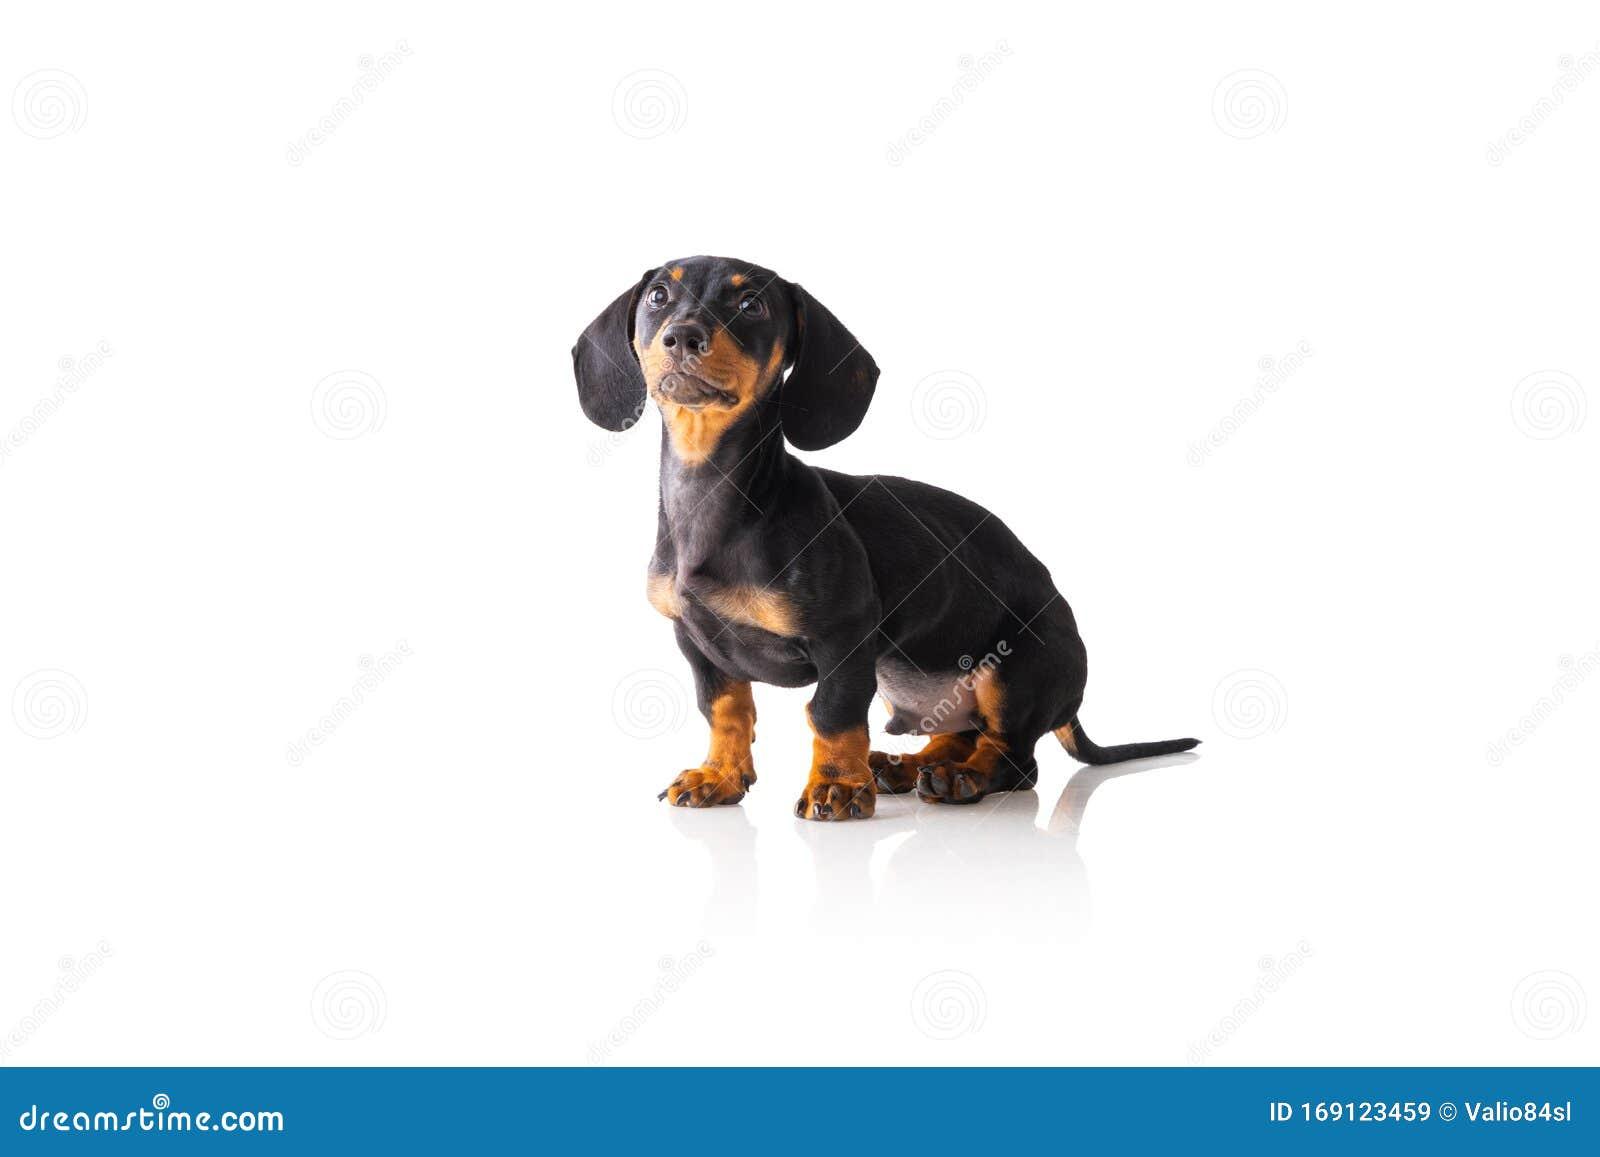 Funny Sausage Dog Dachshund Puppy Posing Isolated On White Background Stock Image Image Of Canine Pedigree 169123459